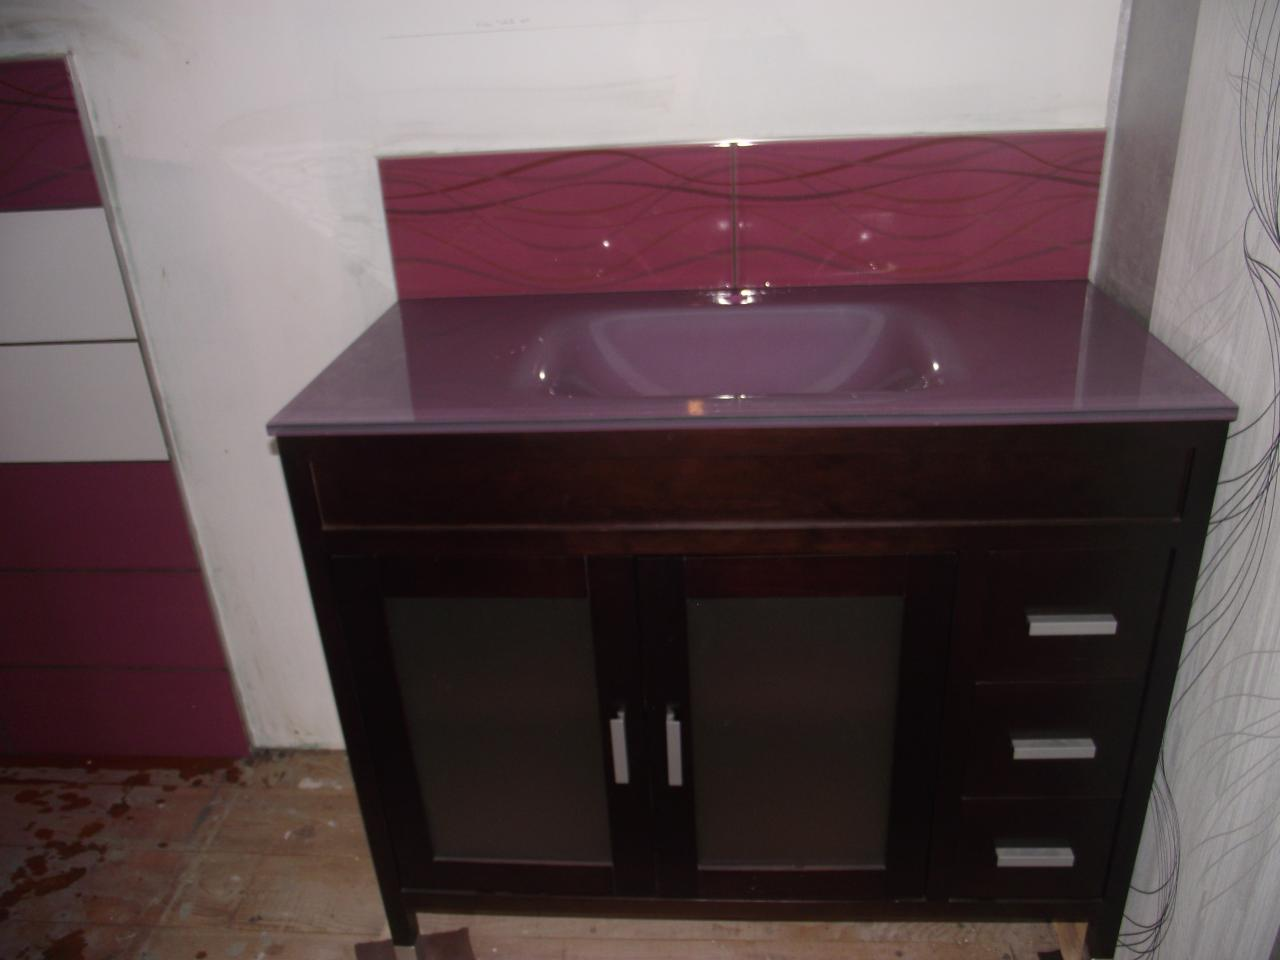 Carrelage pos au dessus lavabo sdb - Salle de bain briquette ...